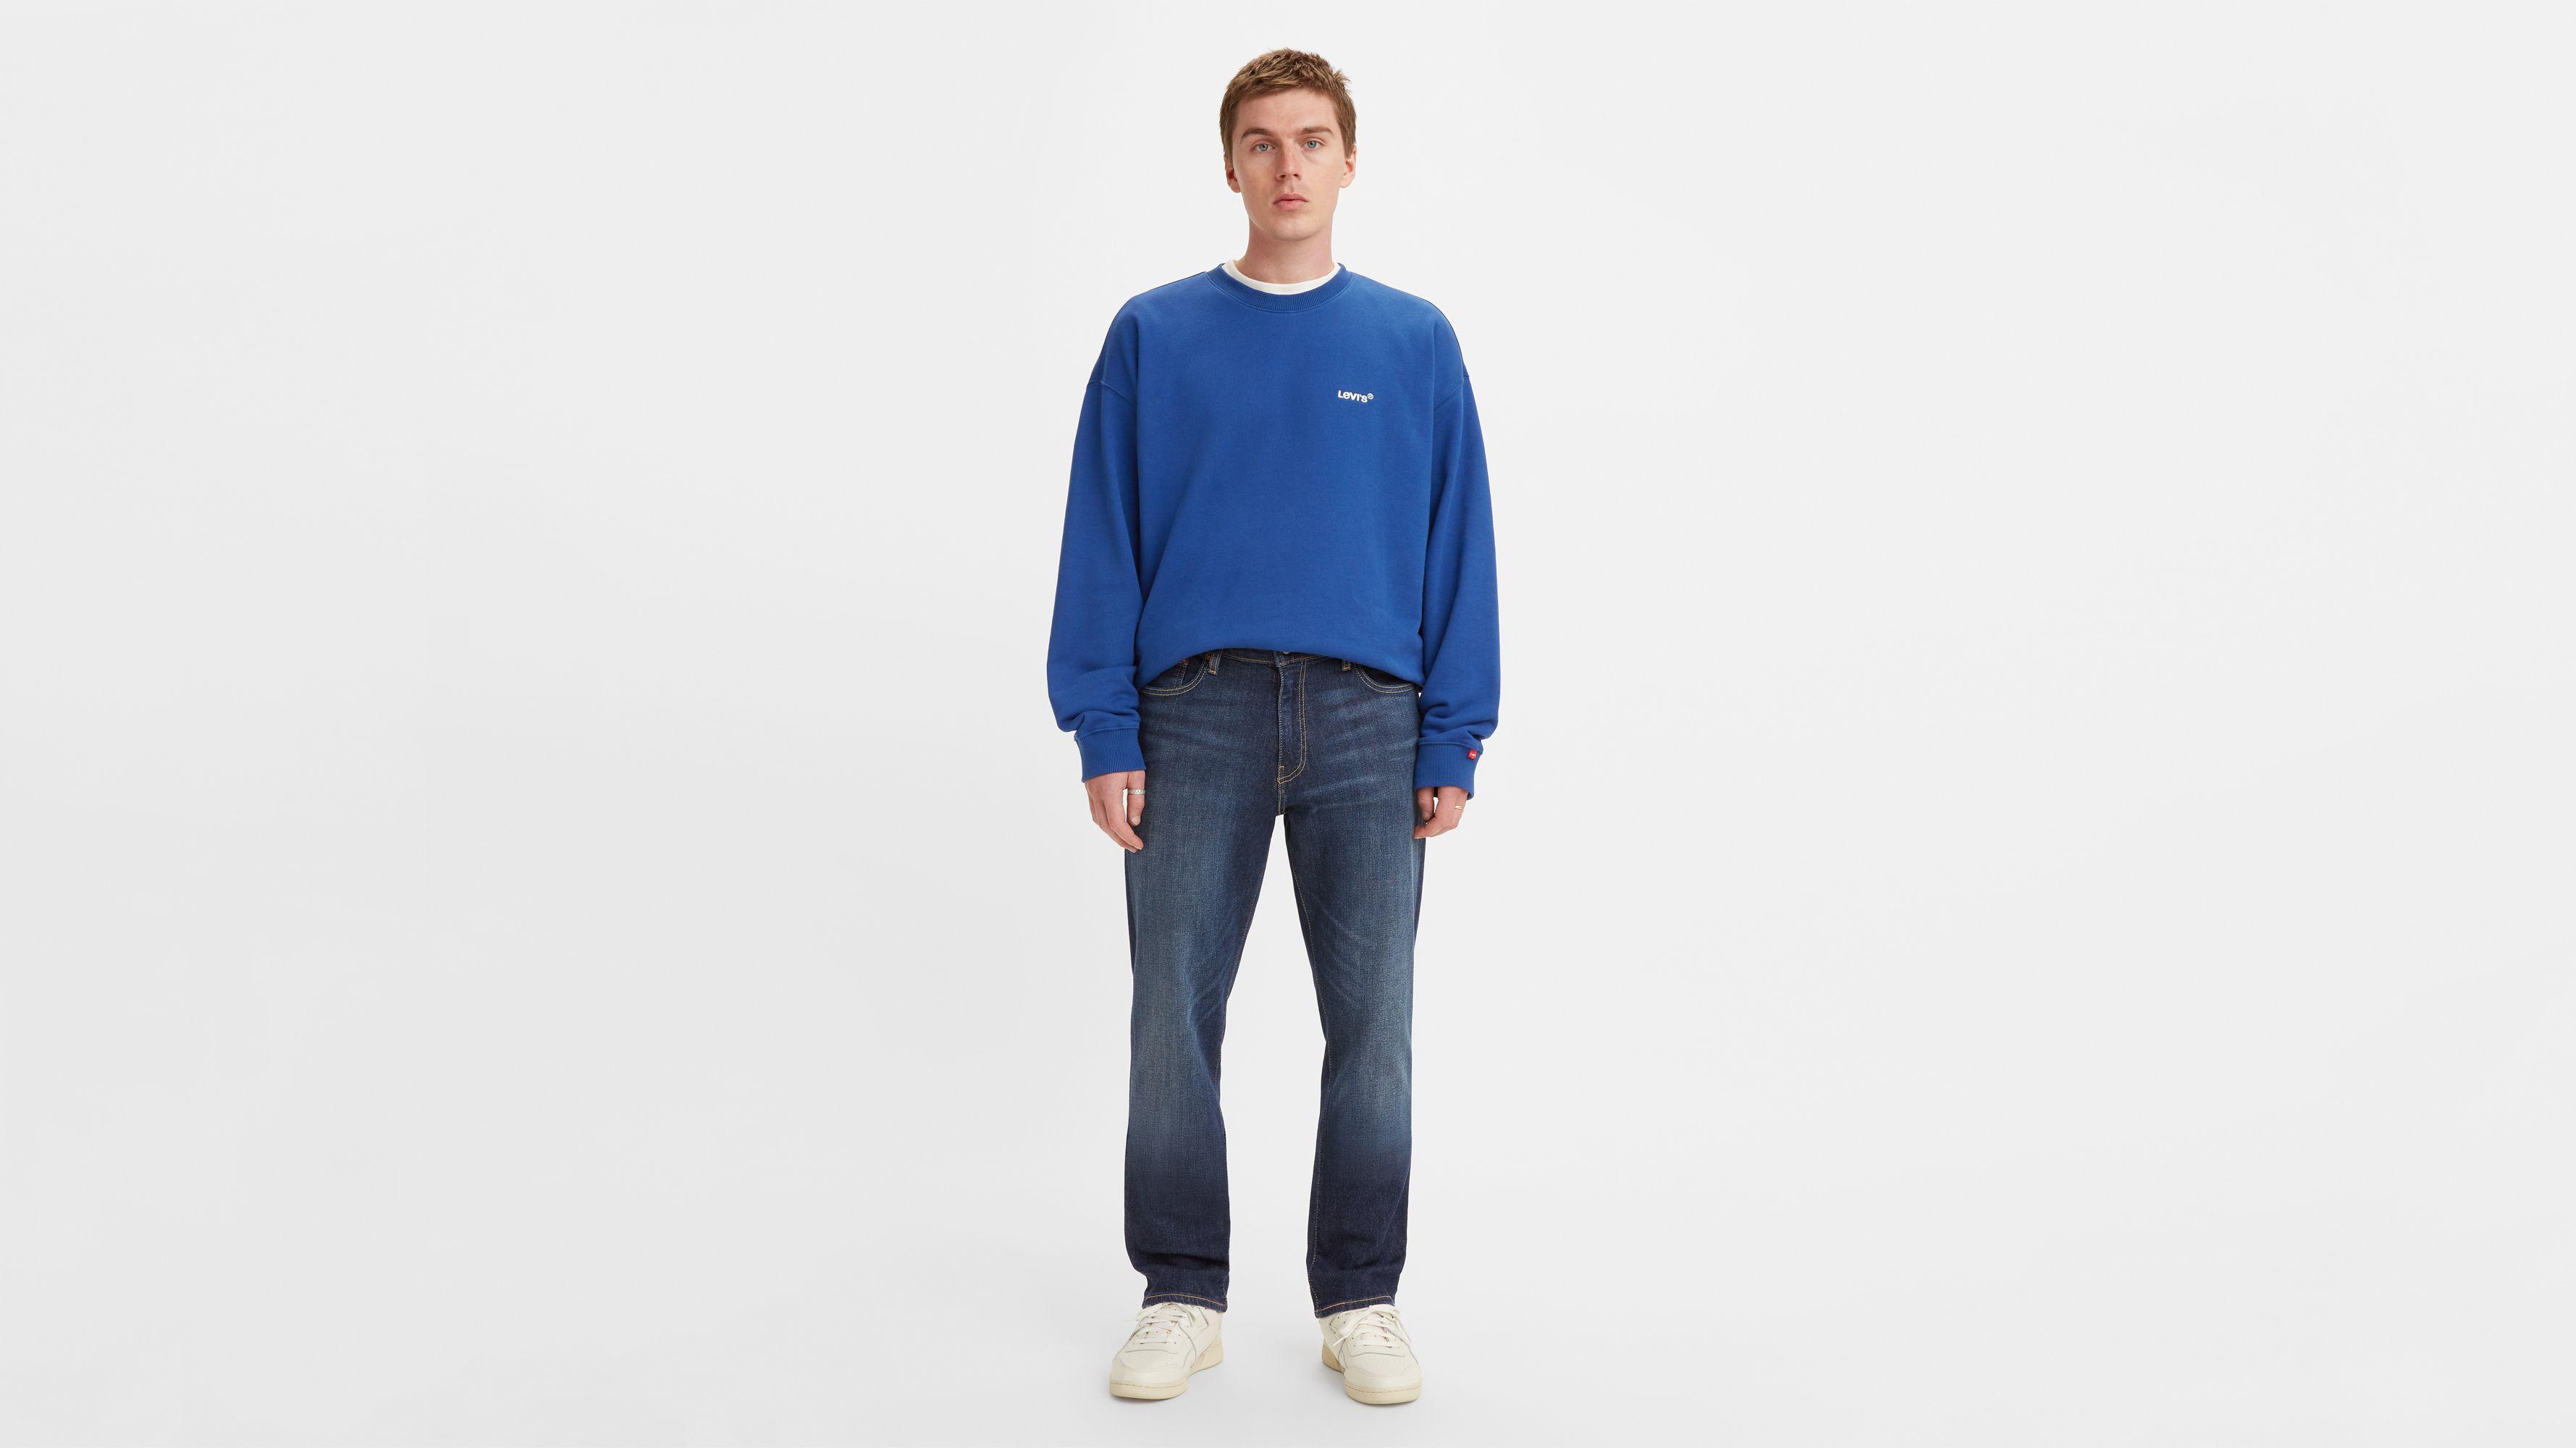 Levis 541 Athletic Taper Fit Levi's Flex Mens Jeans